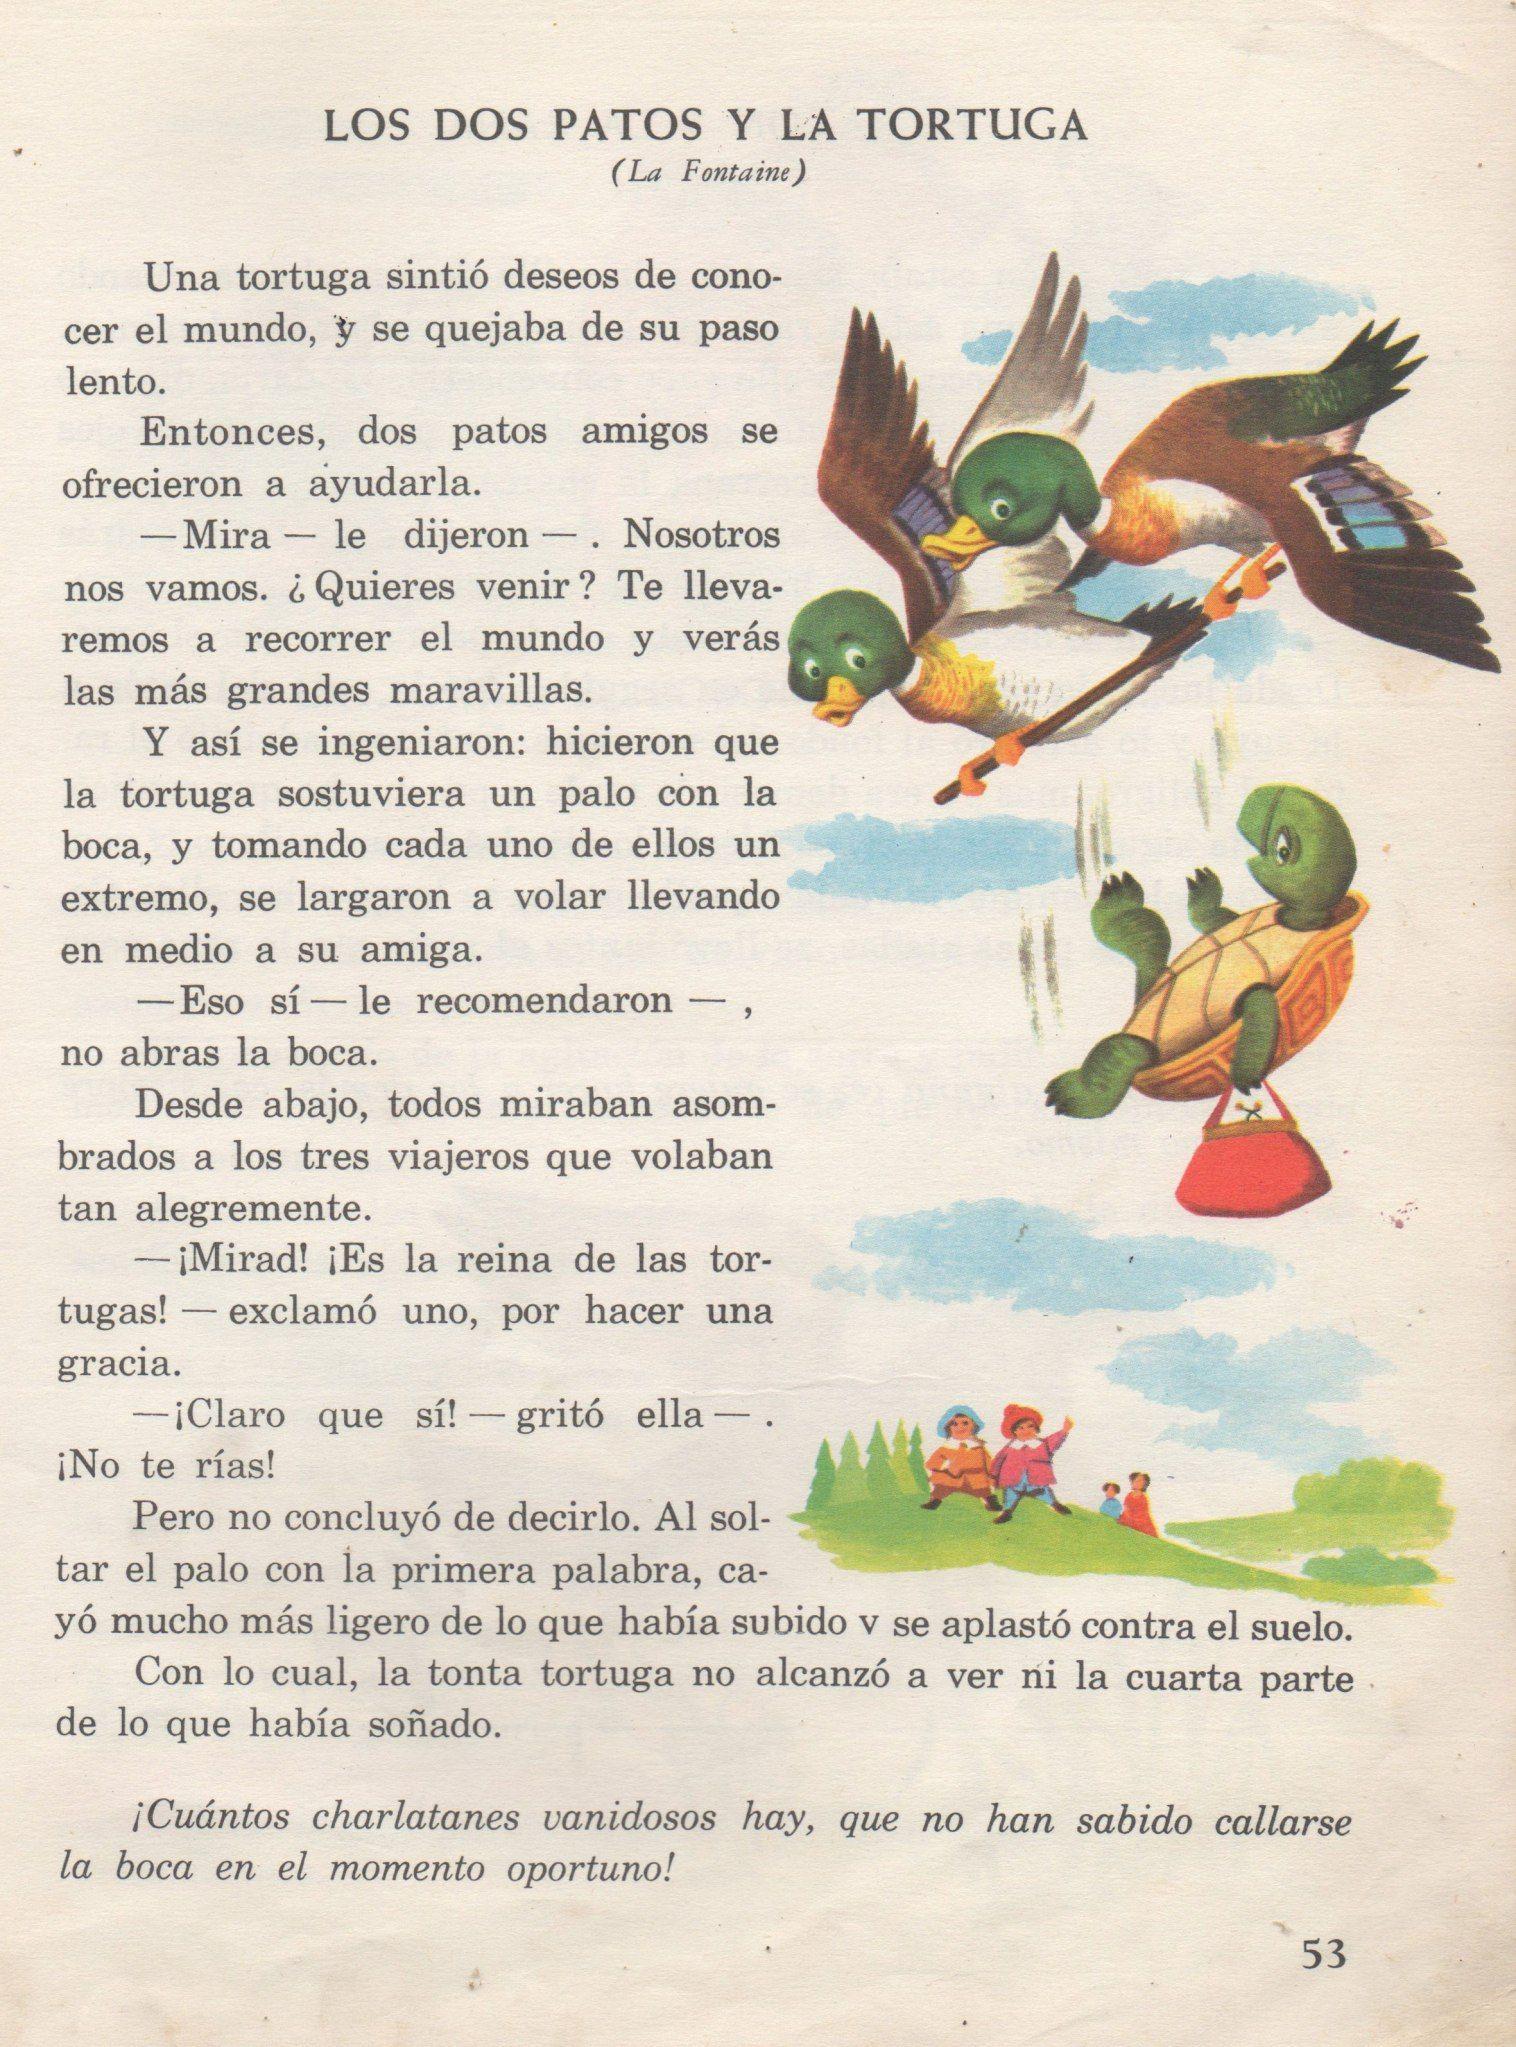 Raúl Stévano Fábulas Archivo De Ilustración Argentina Cuentos Cortos Para Imprimir Cuentos Infantiles Para Leer Lectura Cortas Para Niños